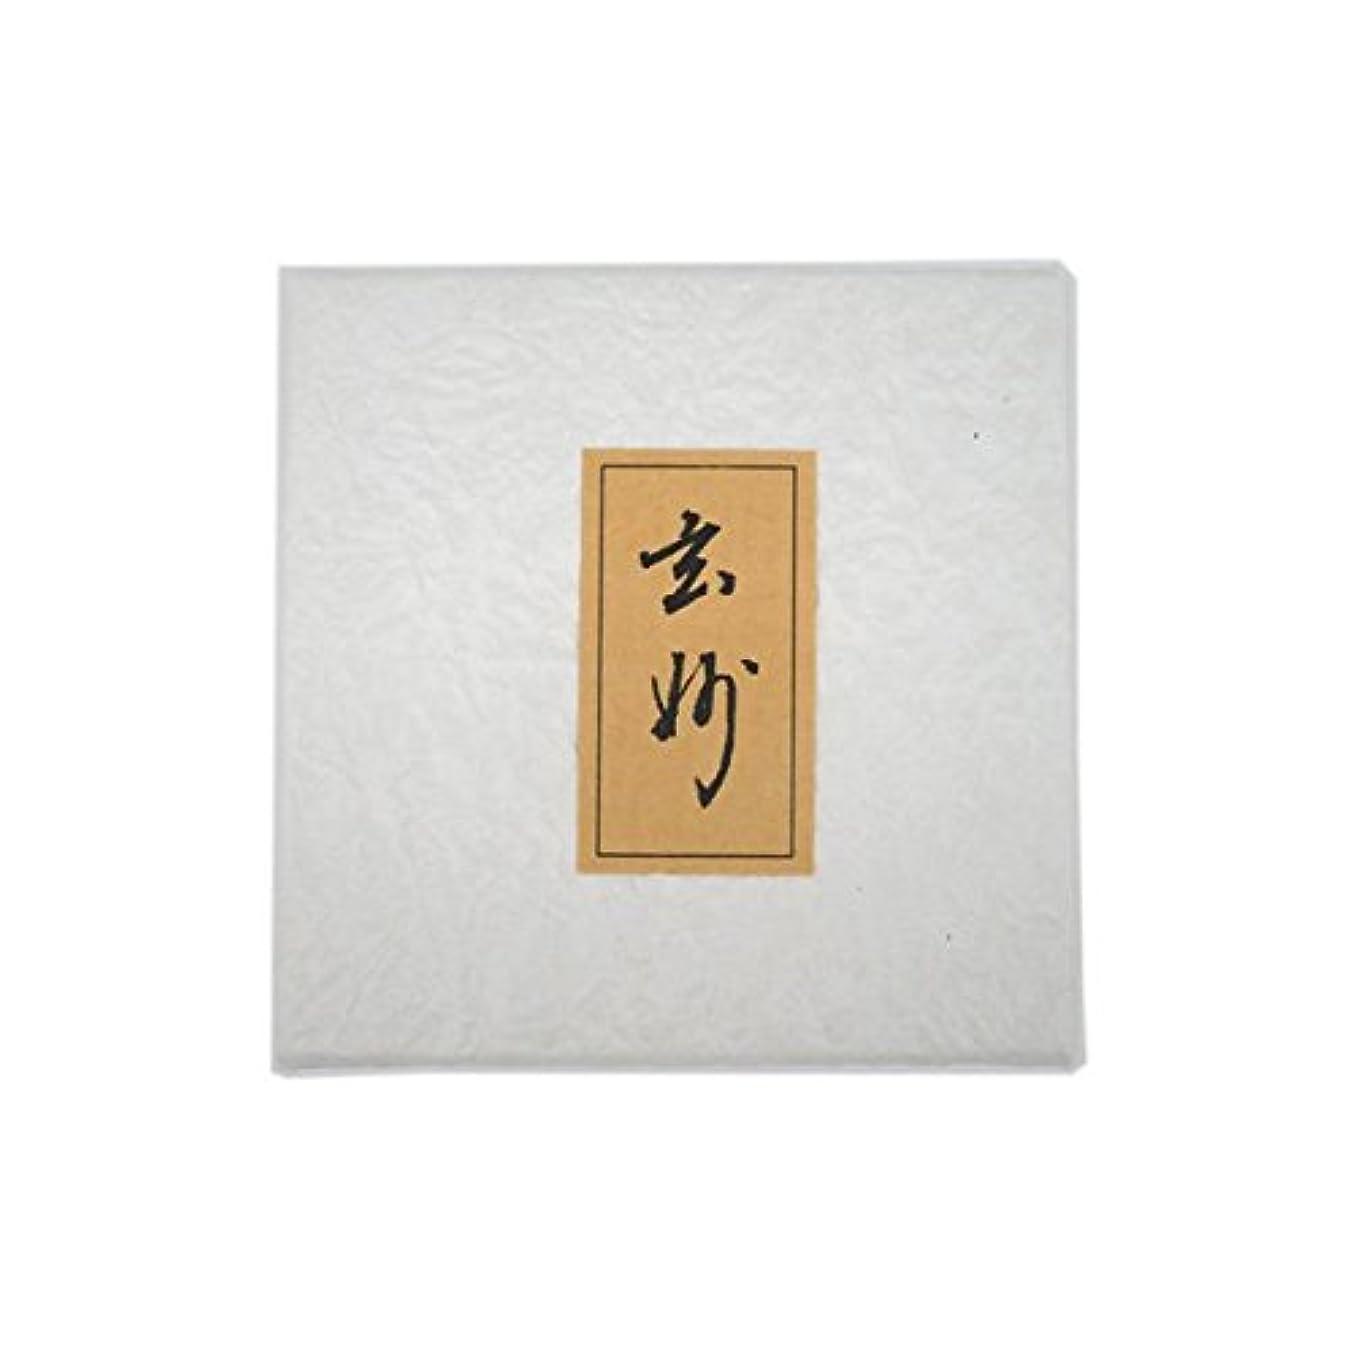 すべき反逆ピッチャー玄妙 紙箱入(壷入)